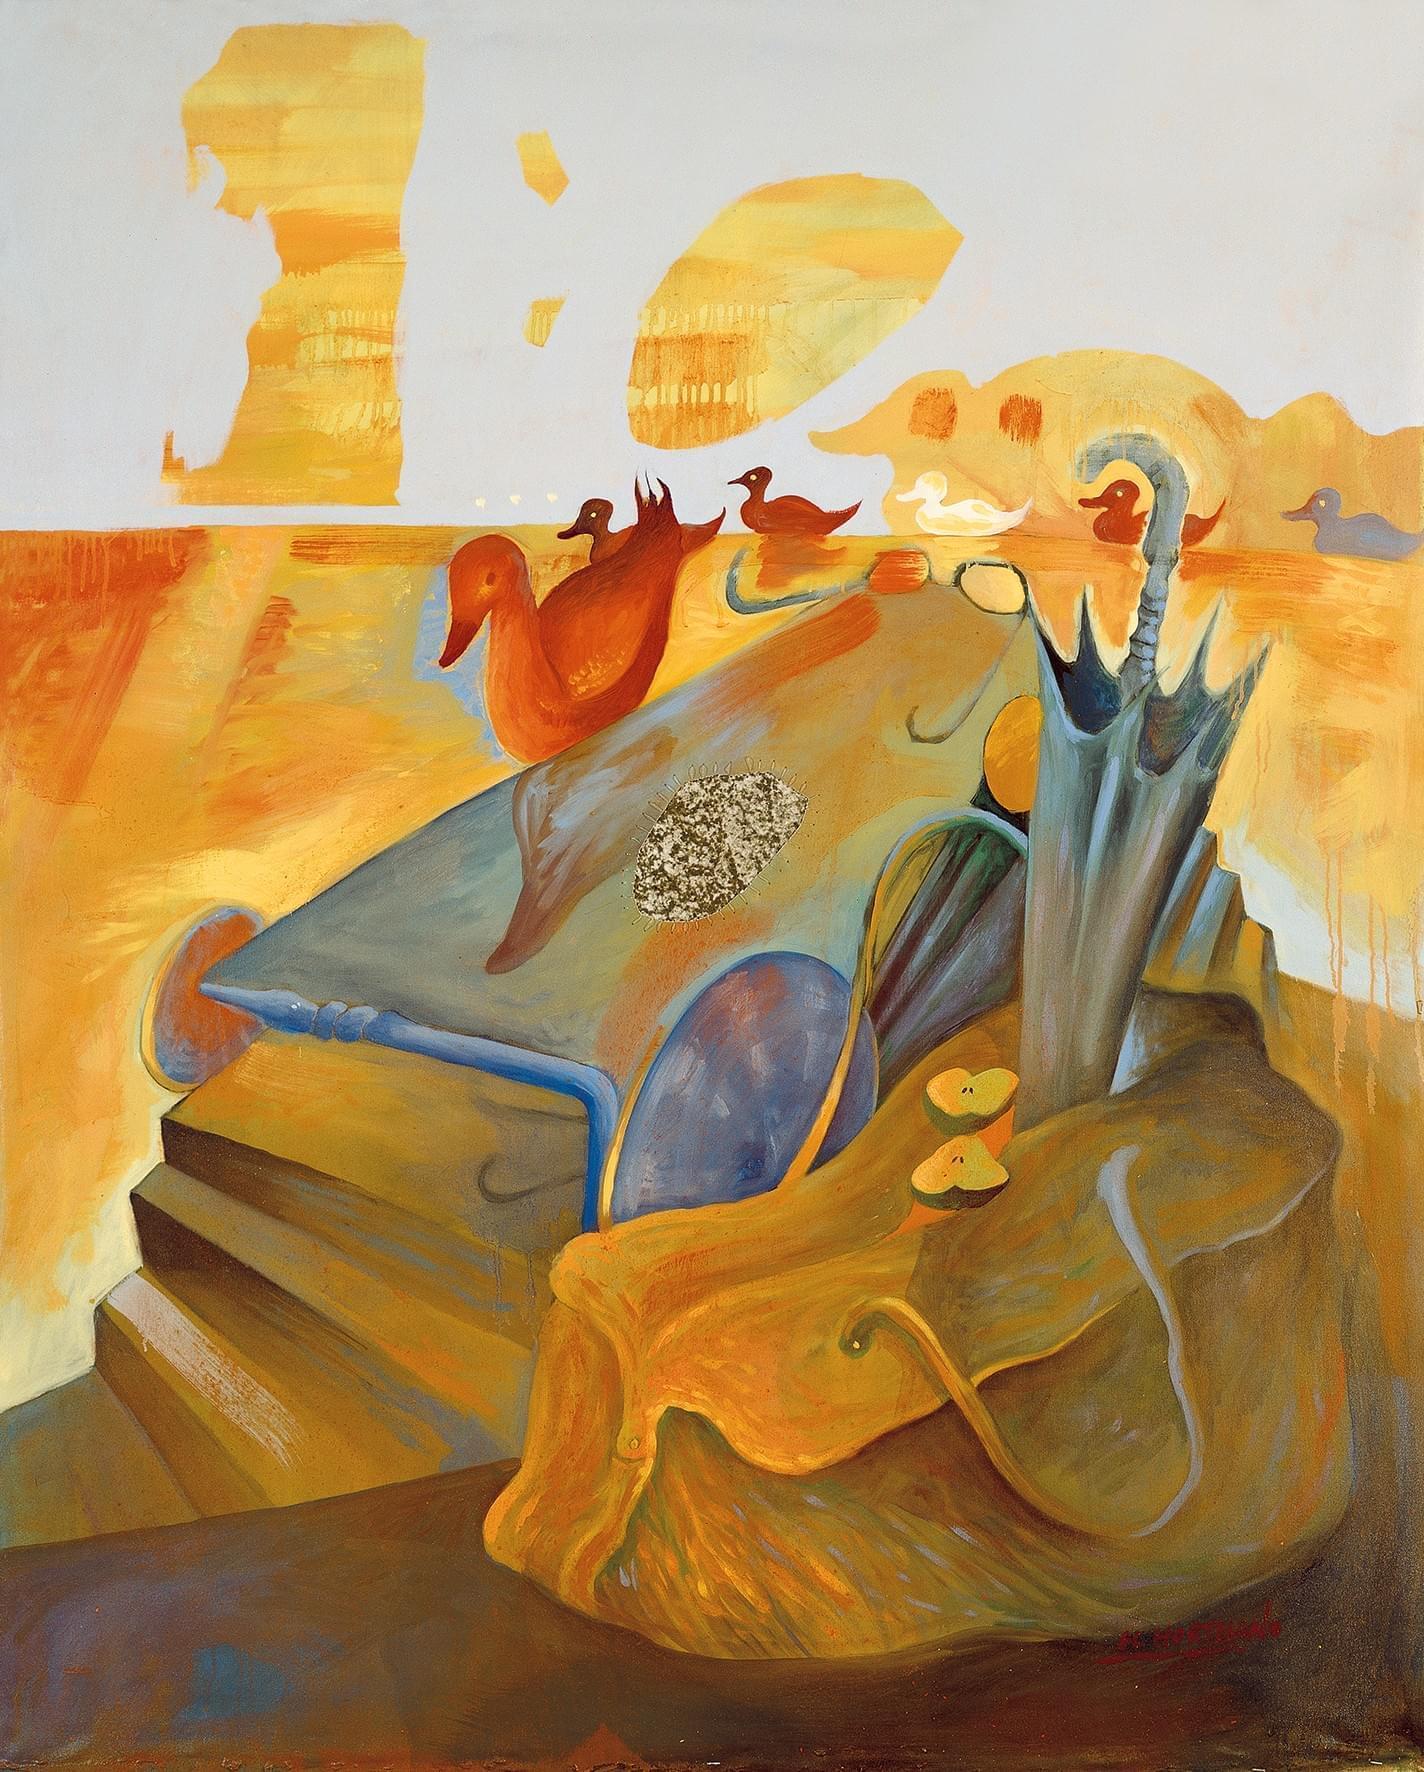 01 Tábula rasa Óleo sobre lienzo 147 x 119 cm 1988